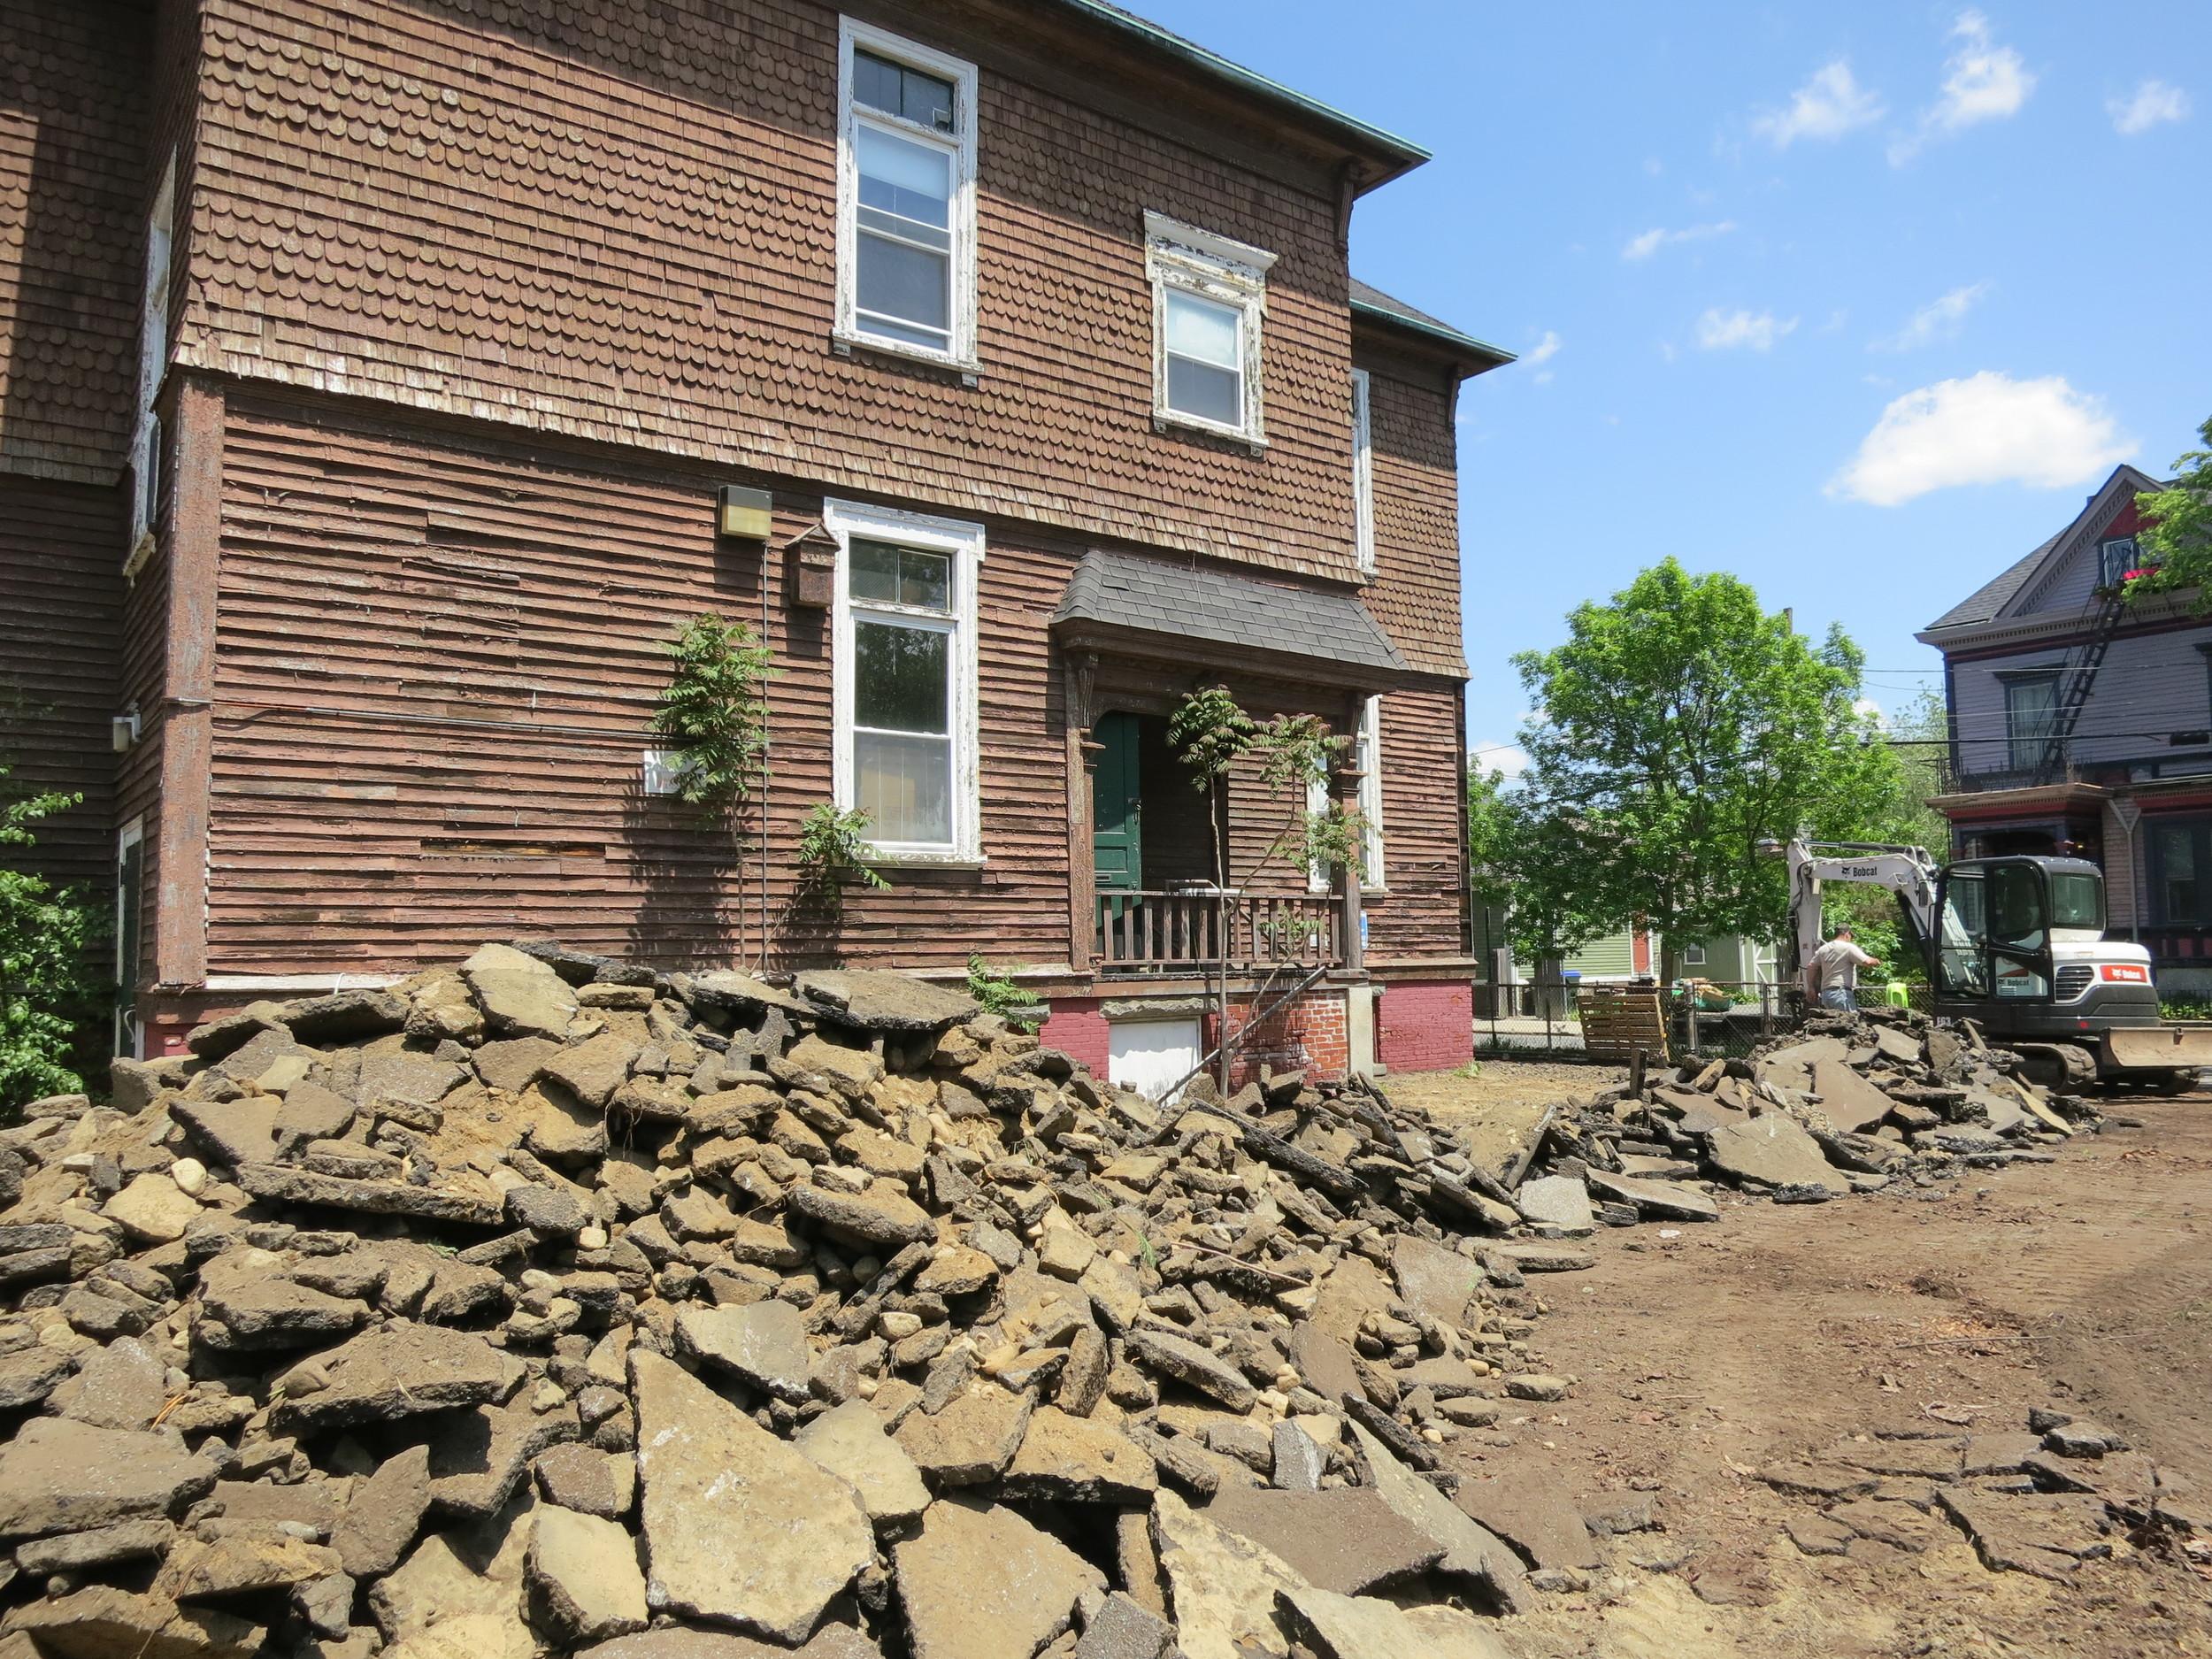 Depaving begins! Large lot = lots of asphalt. Photo credit: Providence Revolving Fund